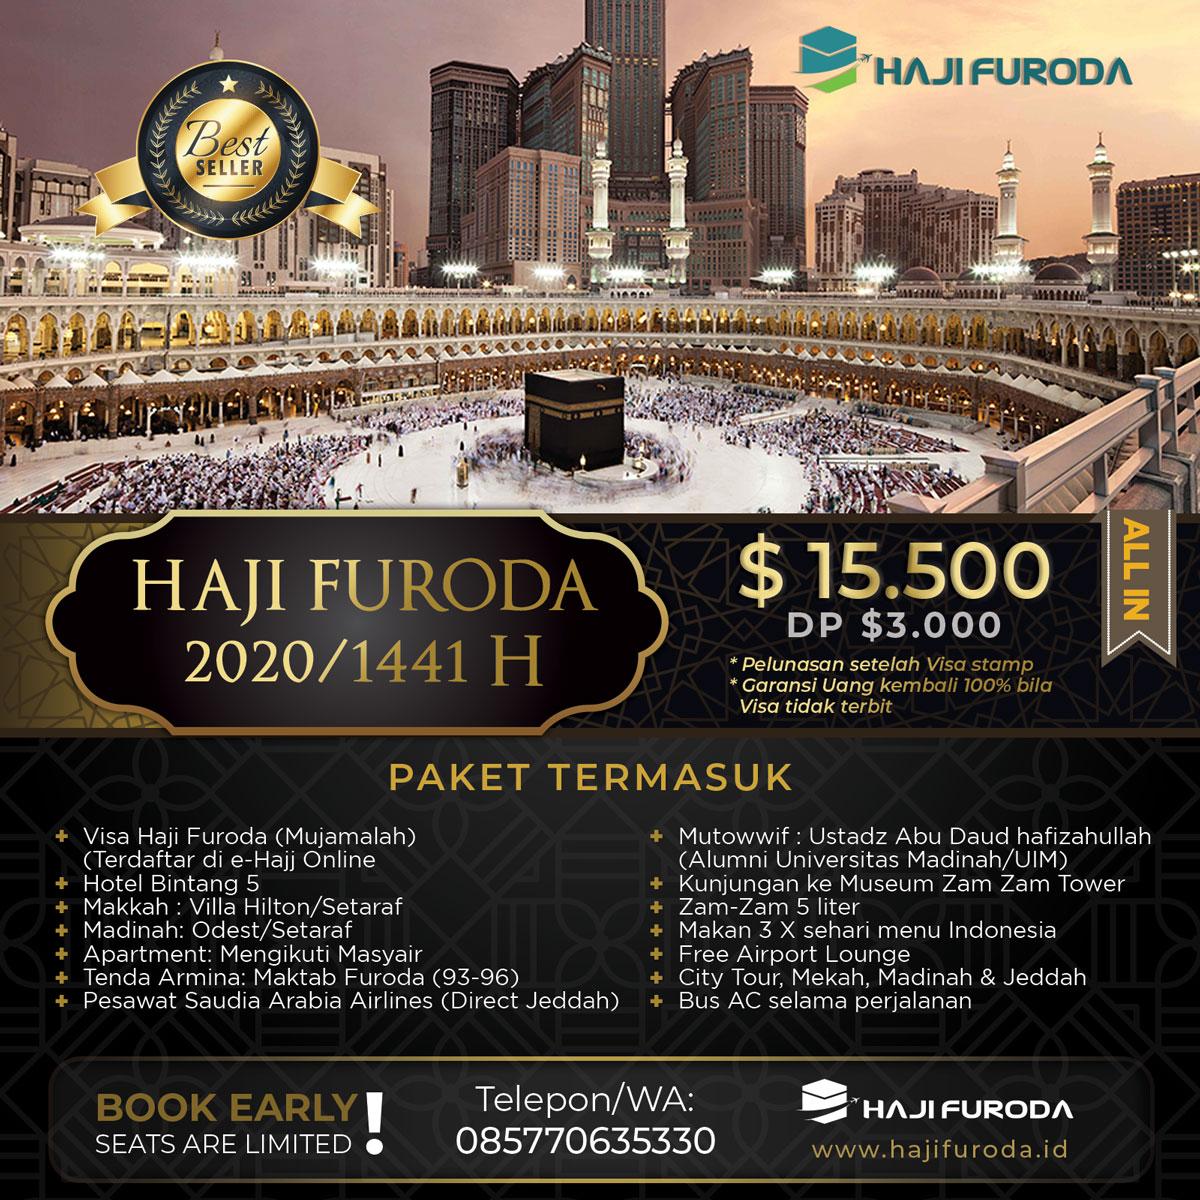 Biaya Haji Furoda Solo